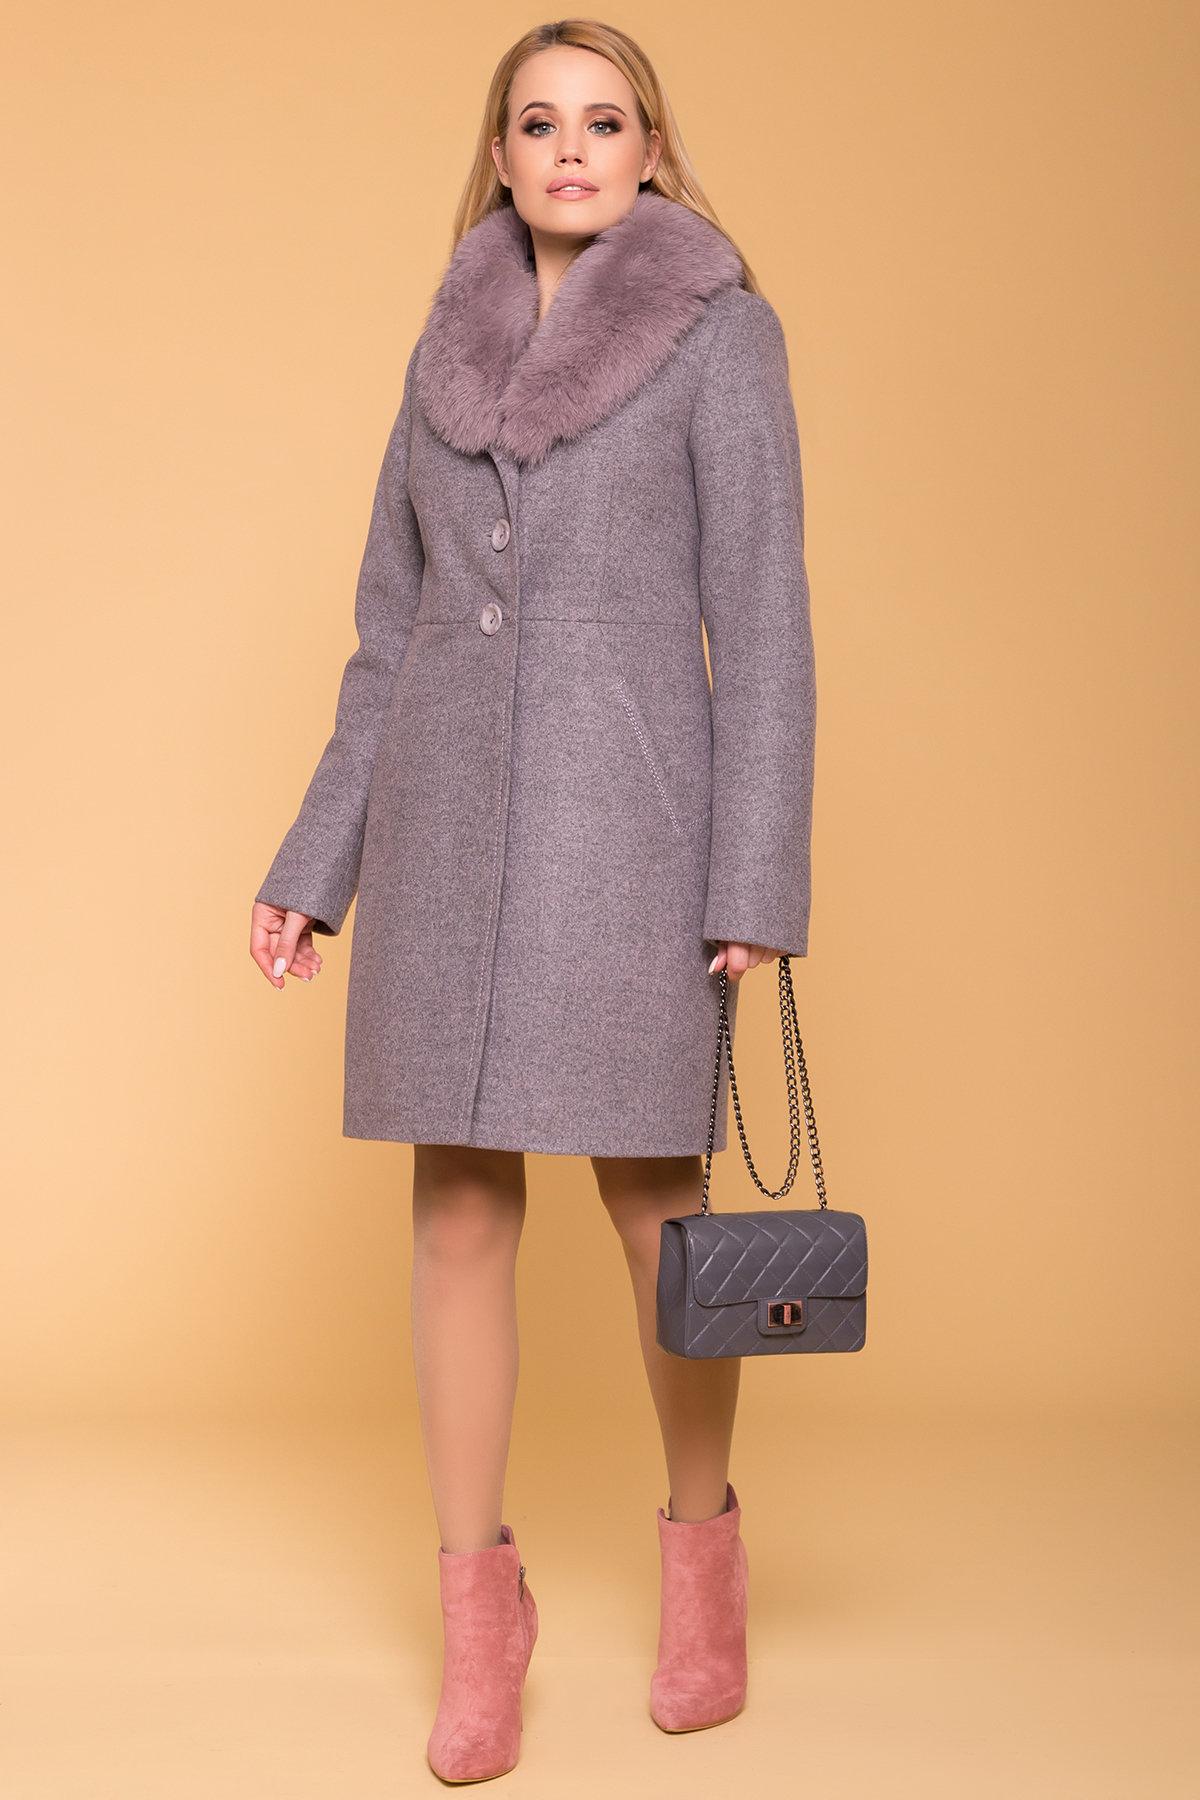 Пальто зима Камила 5611 АРТ. 40711 Цвет: Серо-розовый 19 - фото 4, интернет магазин tm-modus.ru